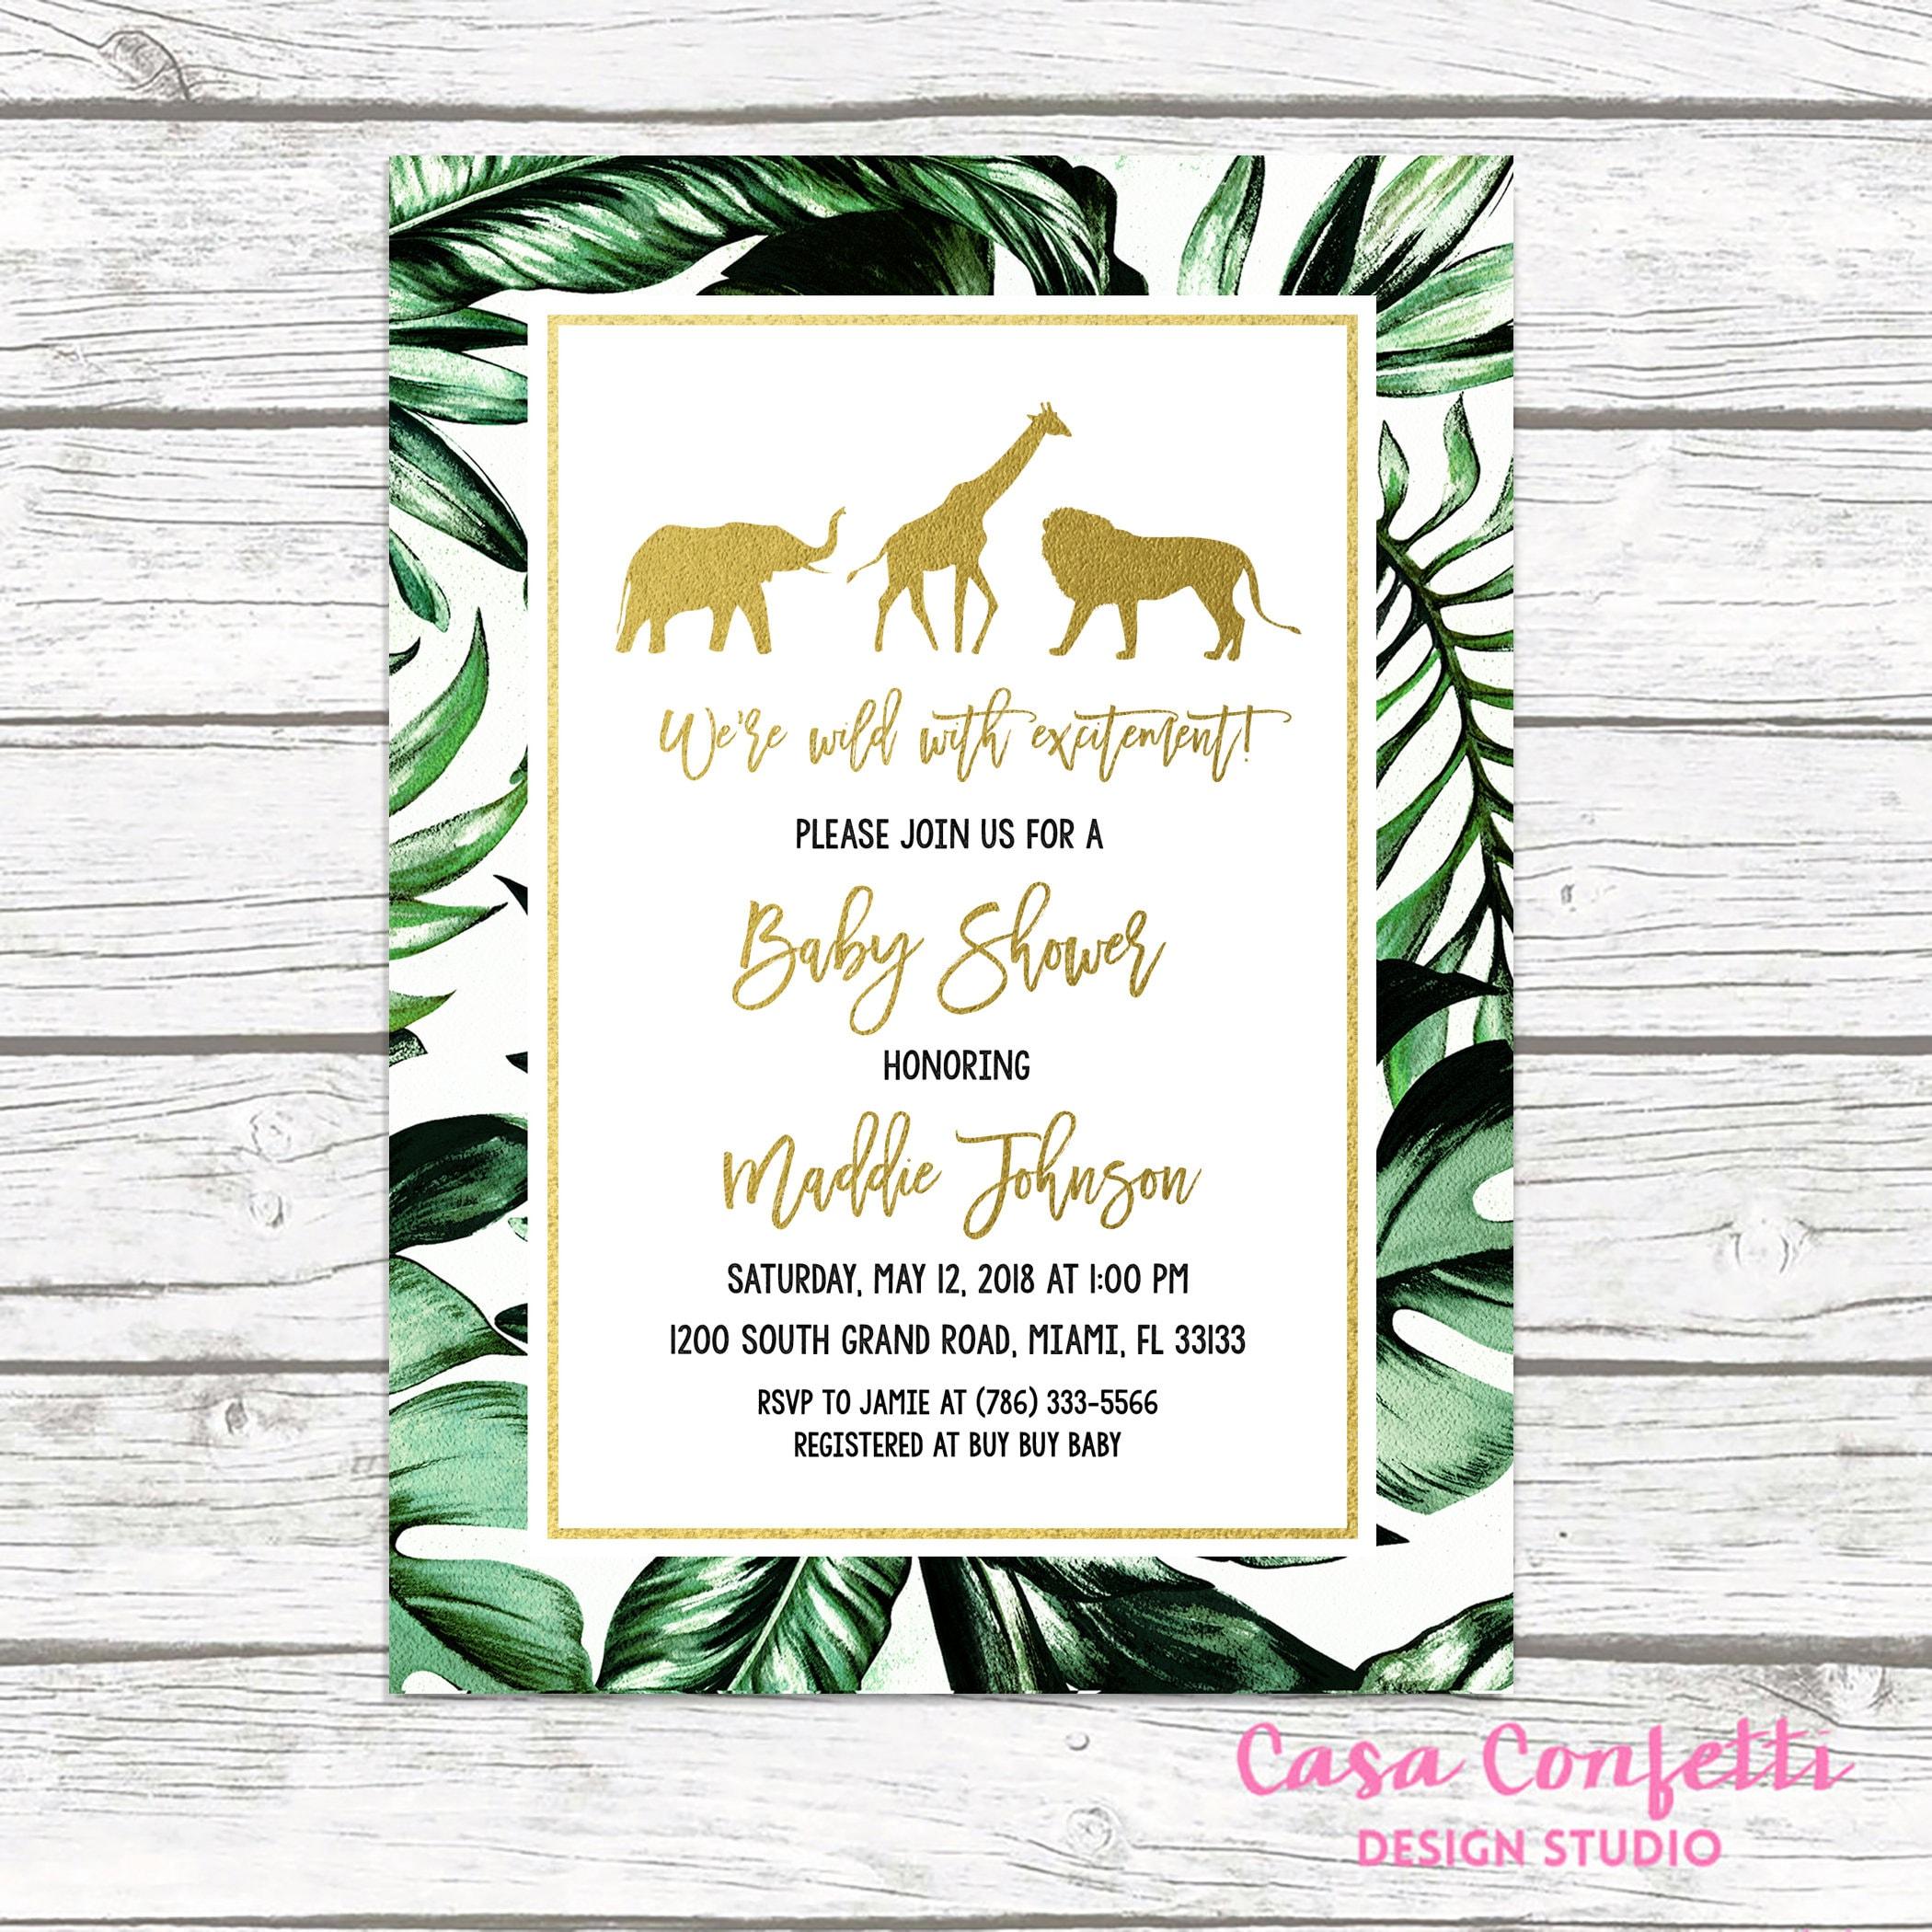 Safari Baby Shower Invitation, Gold Safari Baby Shower Invitation, Leaf Safari  Baby Shower Invitation, Jungle Animal Baby Shower Invite